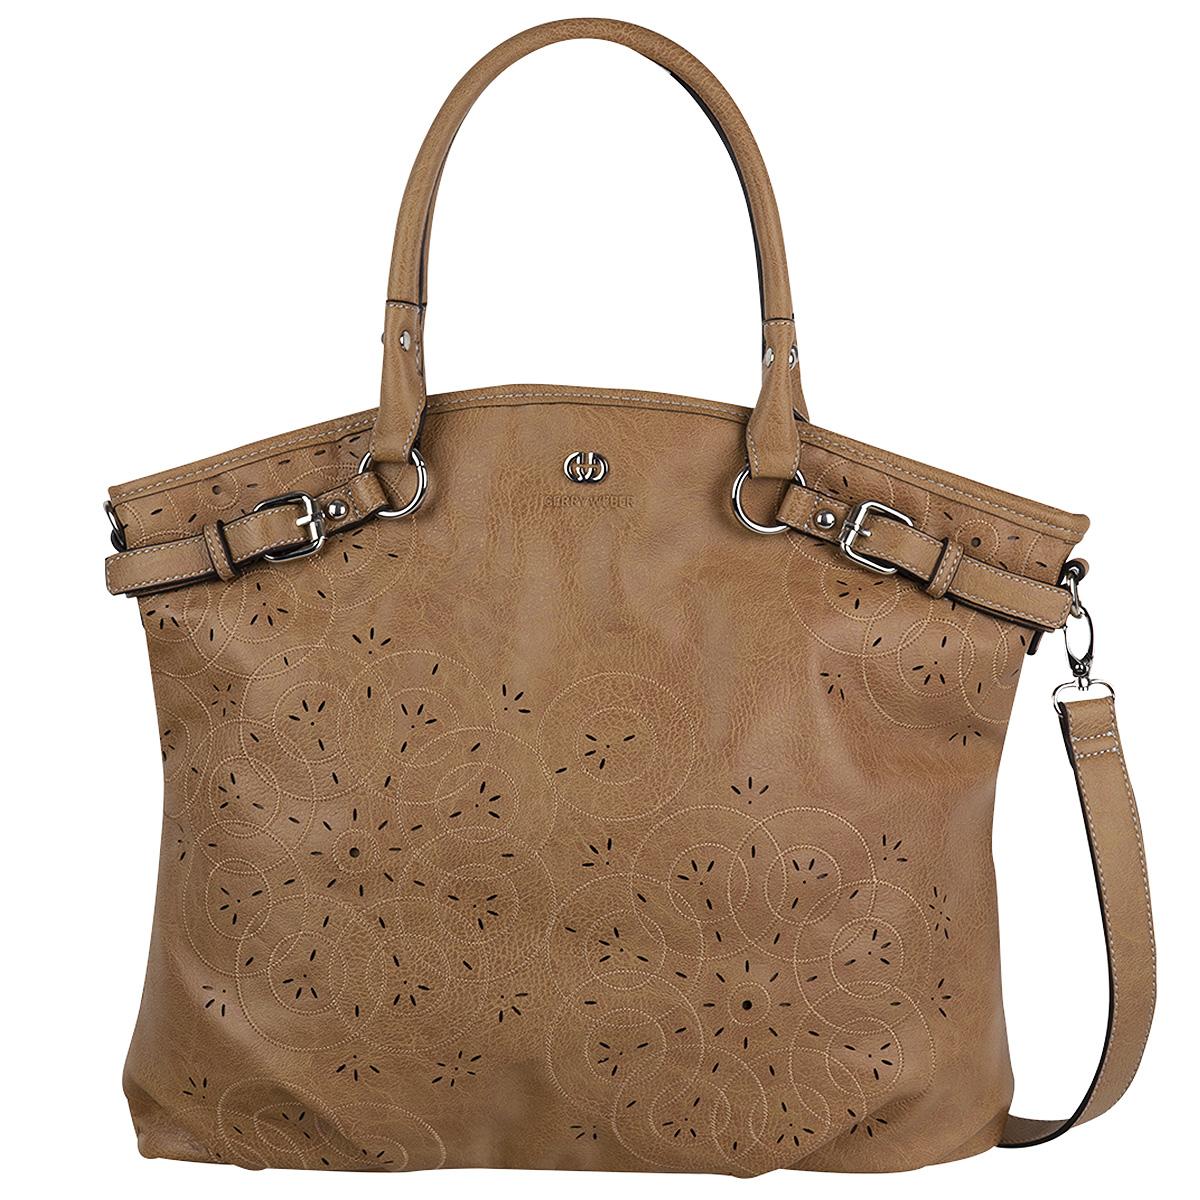 5383cf8bacecf Gerry Weber Heart Tote Shopper Schultertasche Handtasche 4080003139